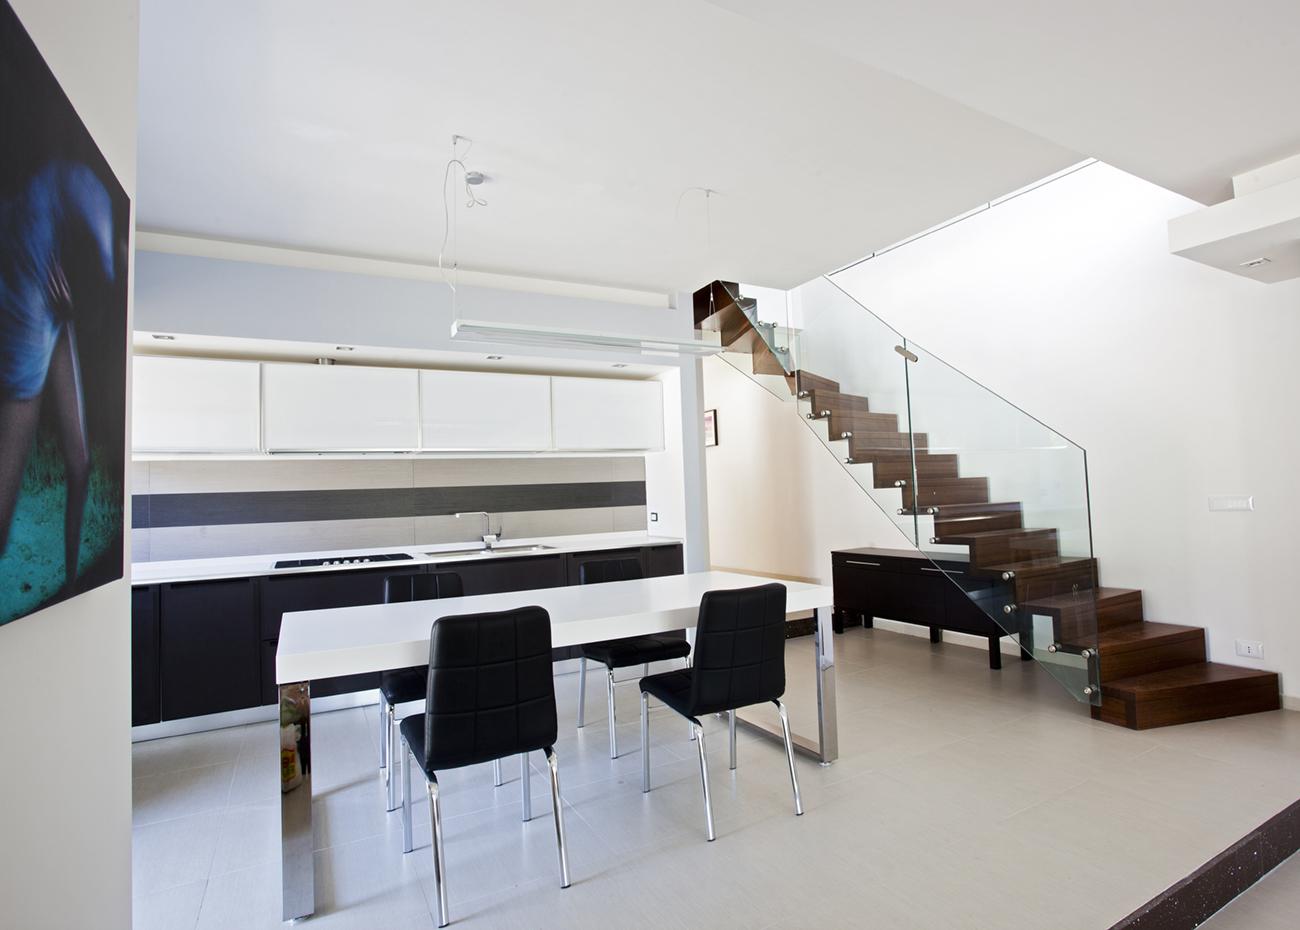 Aranova staircase